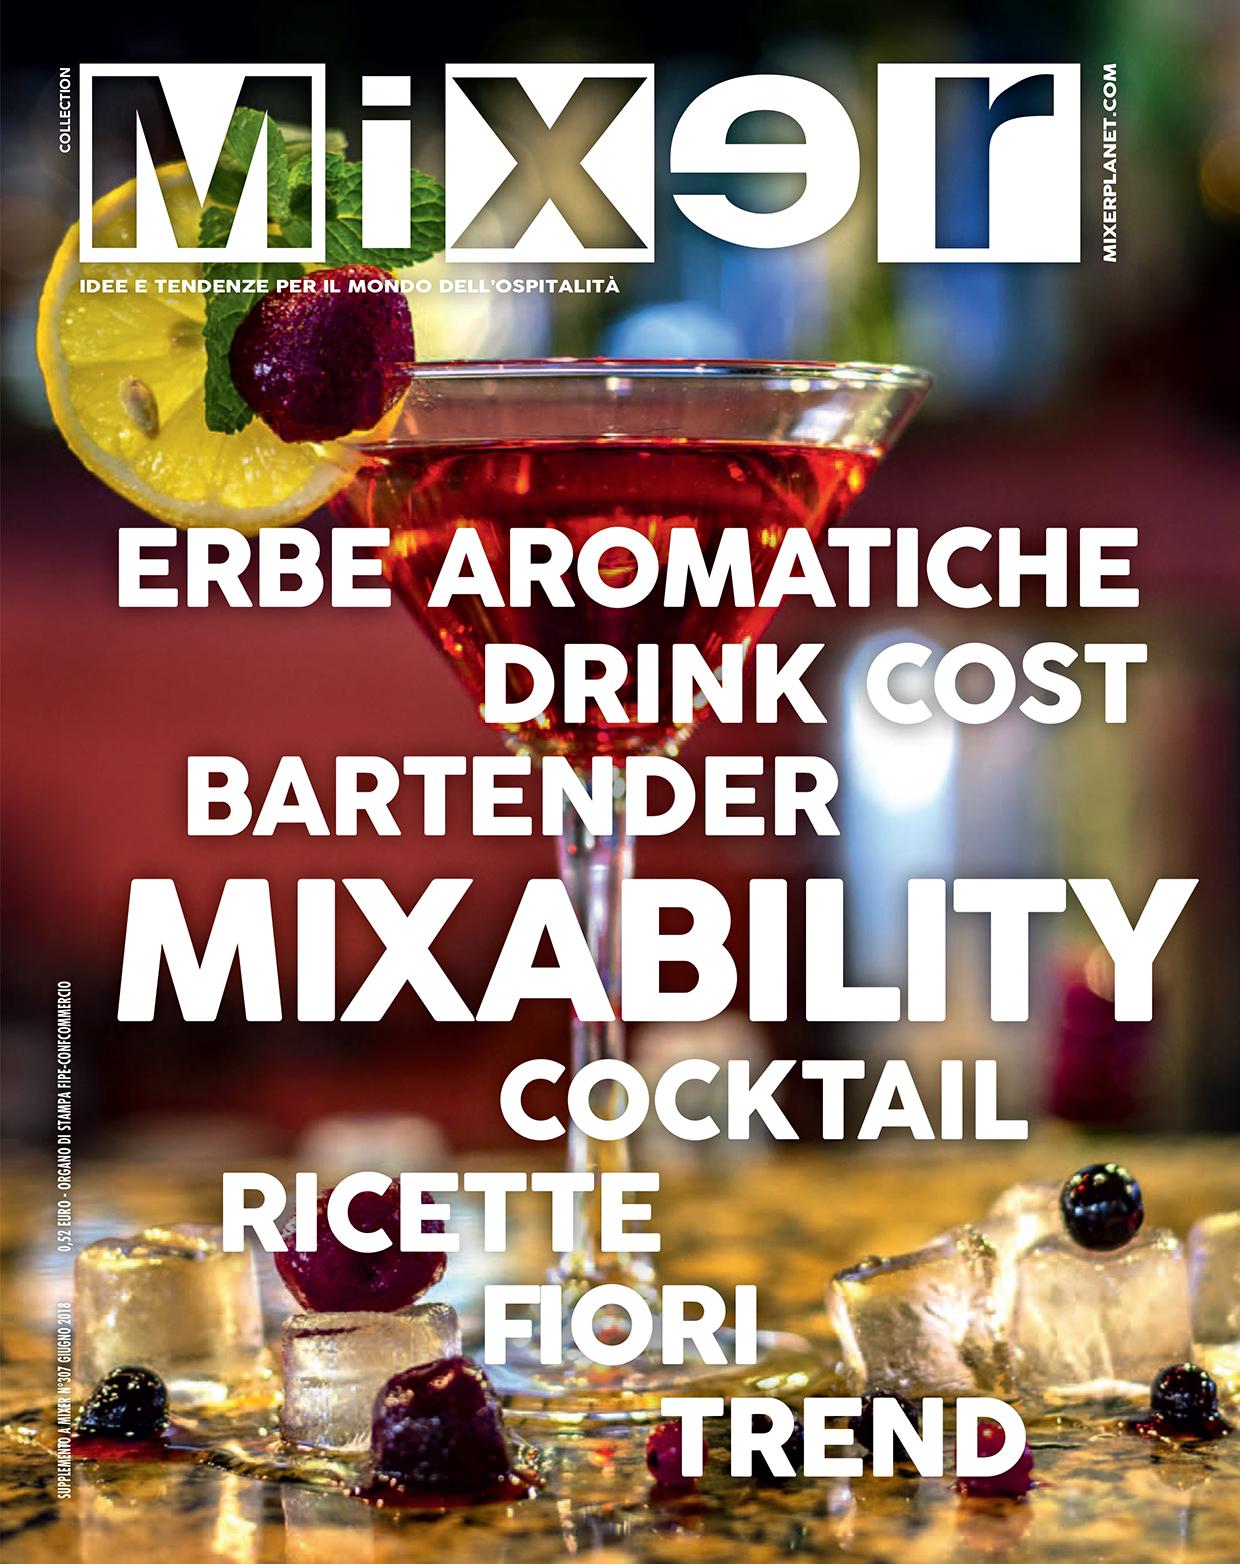 Mixer Planet Mixability parla del van gogh